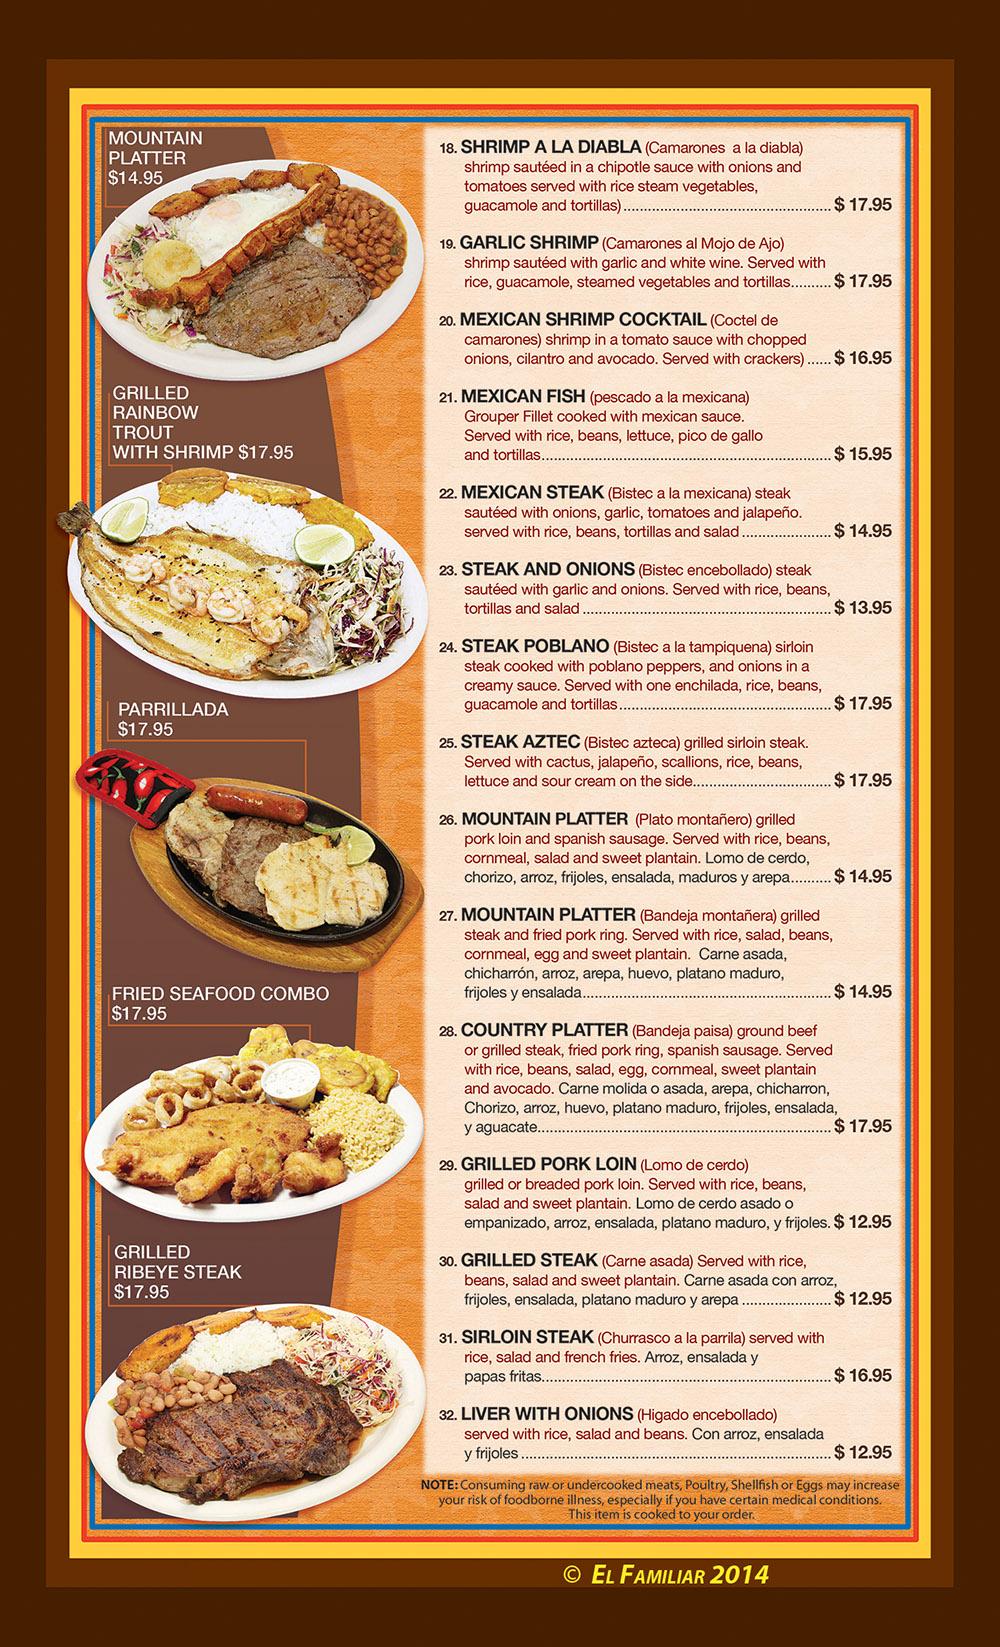 El familiar menu page 3